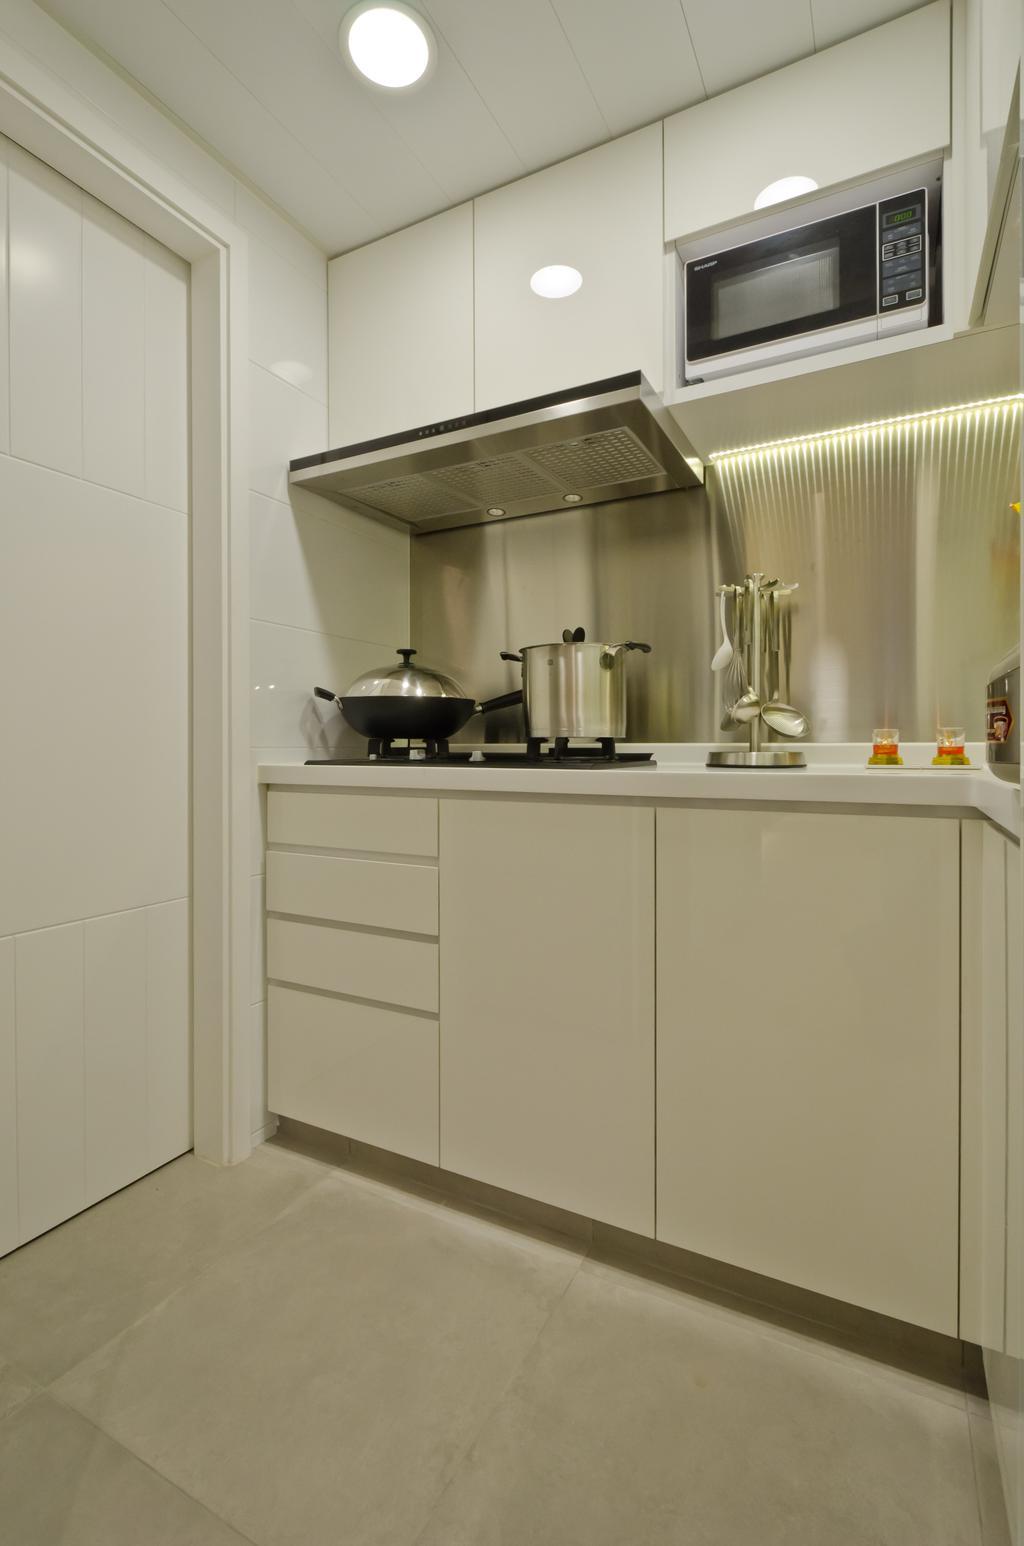 簡約, 私家樓, 廚房, 和富中心, 室內設計師, 現時設計